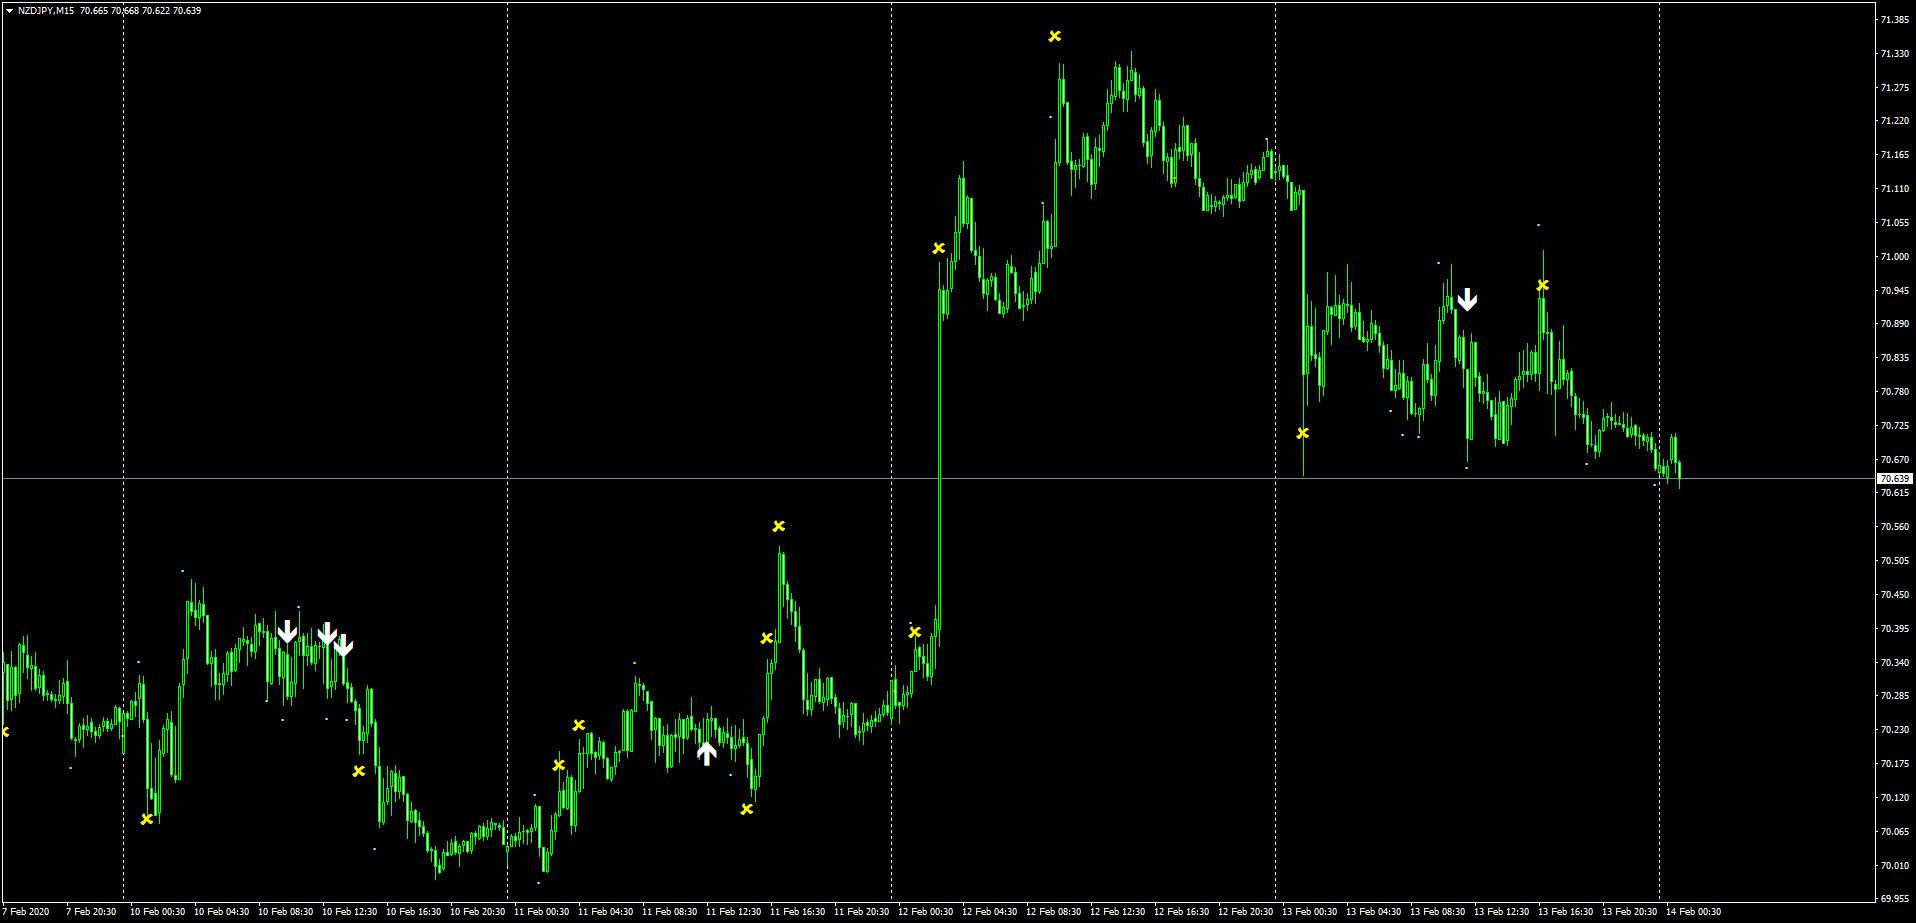 キウイ円の2月10日~14日までのSindyサイン状況